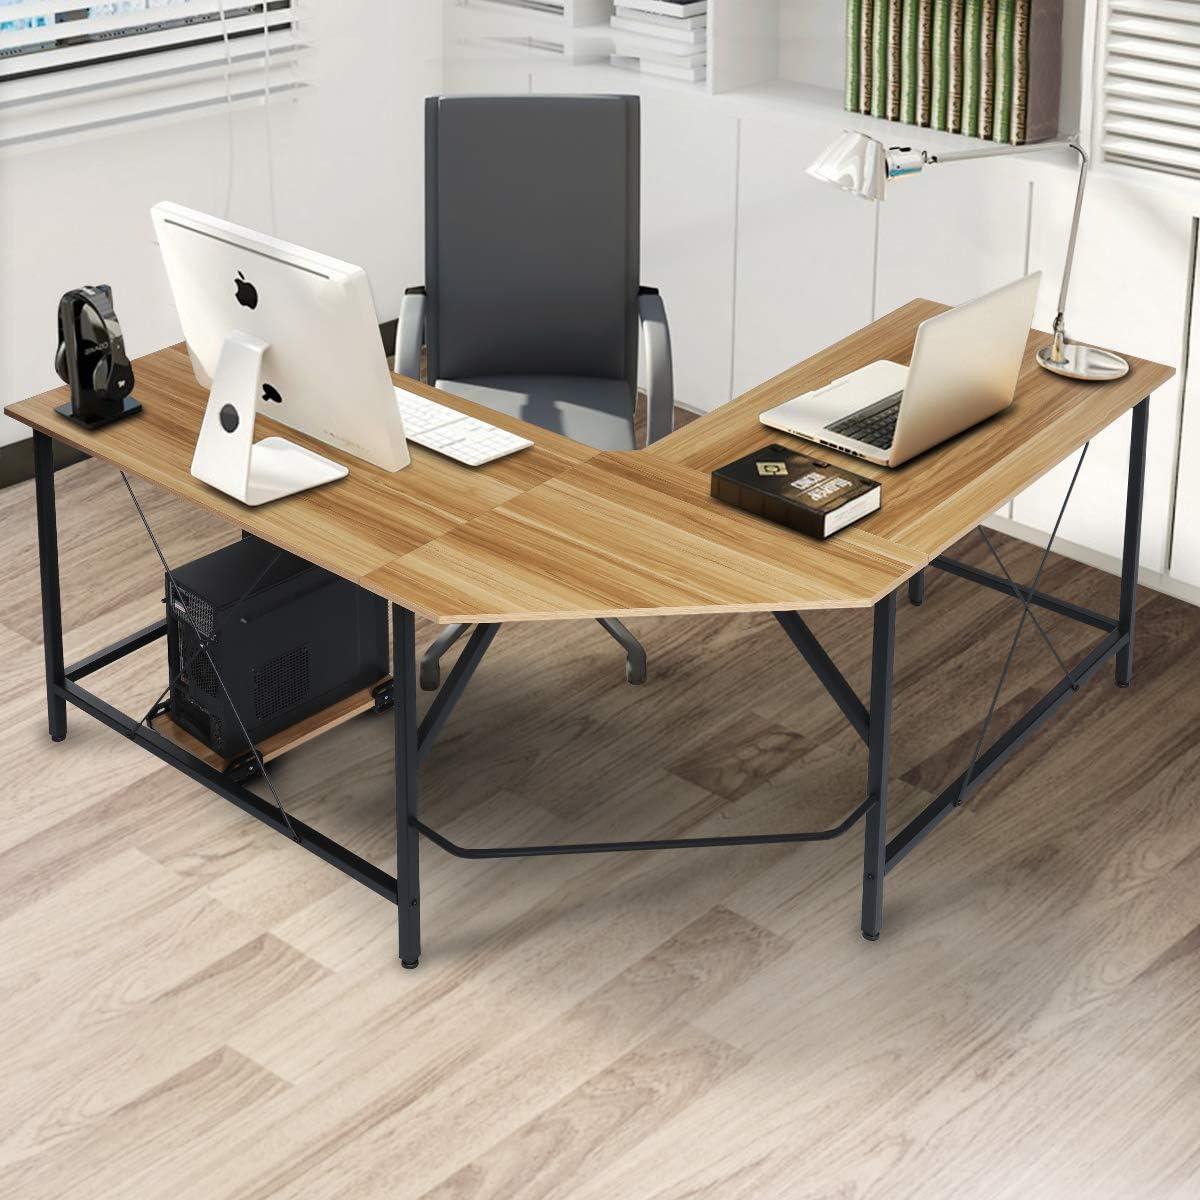 KingSo L Shaped Computer Desk 59